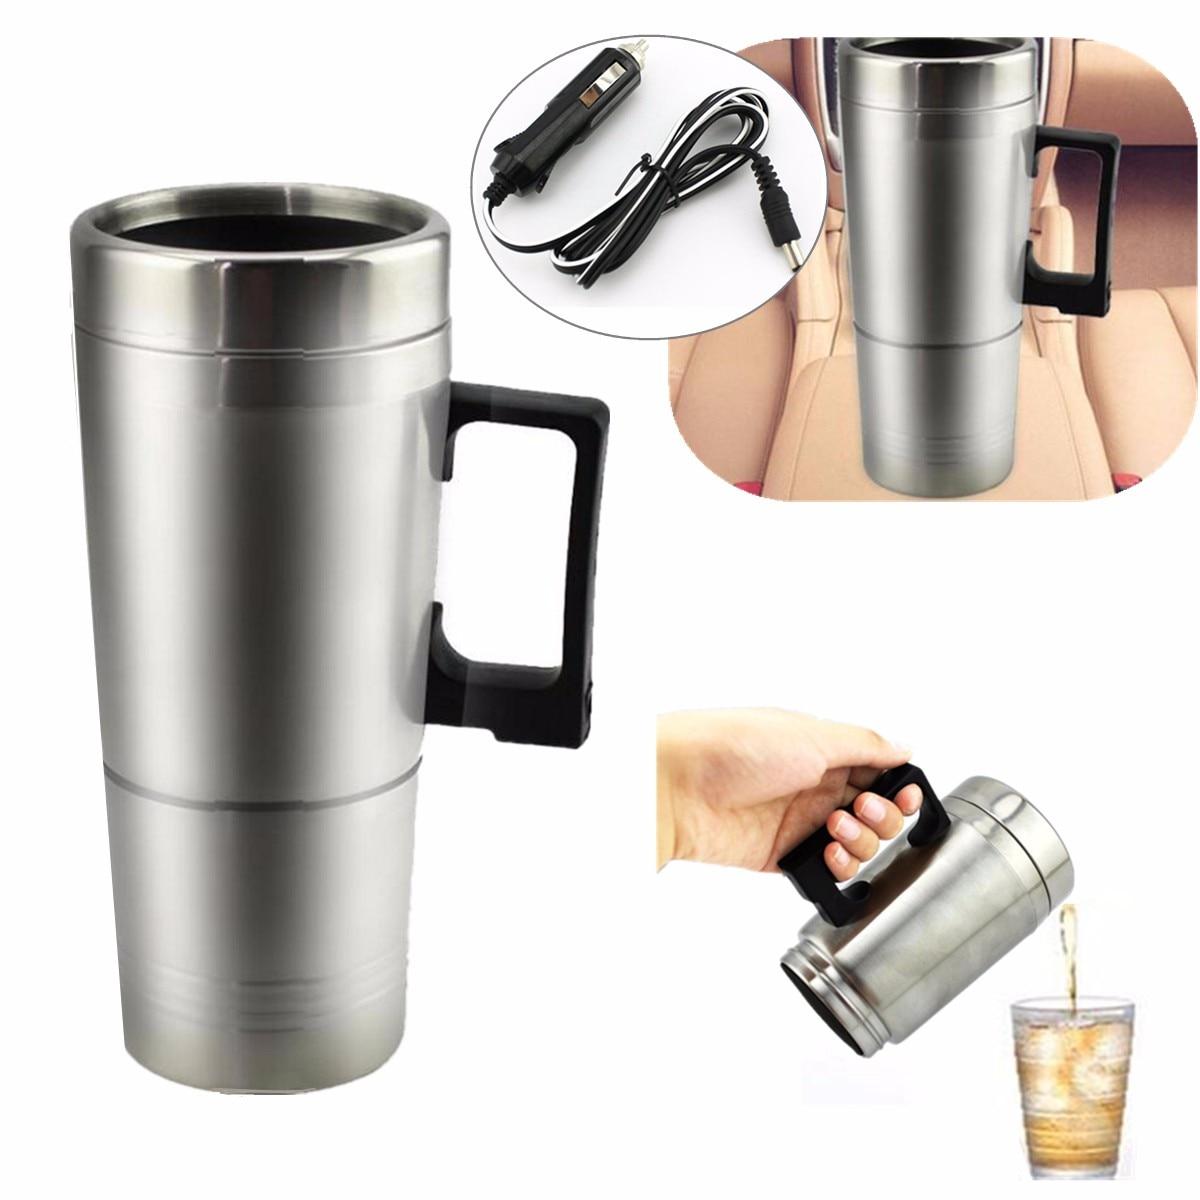 Auto Wasser Suppe Tee Kaffee Babyflasche Heizung Kessel Auto heizung Tasse Teekanne Tragbare Neue Auto Elektrische Gerät 12 V 300 ML *